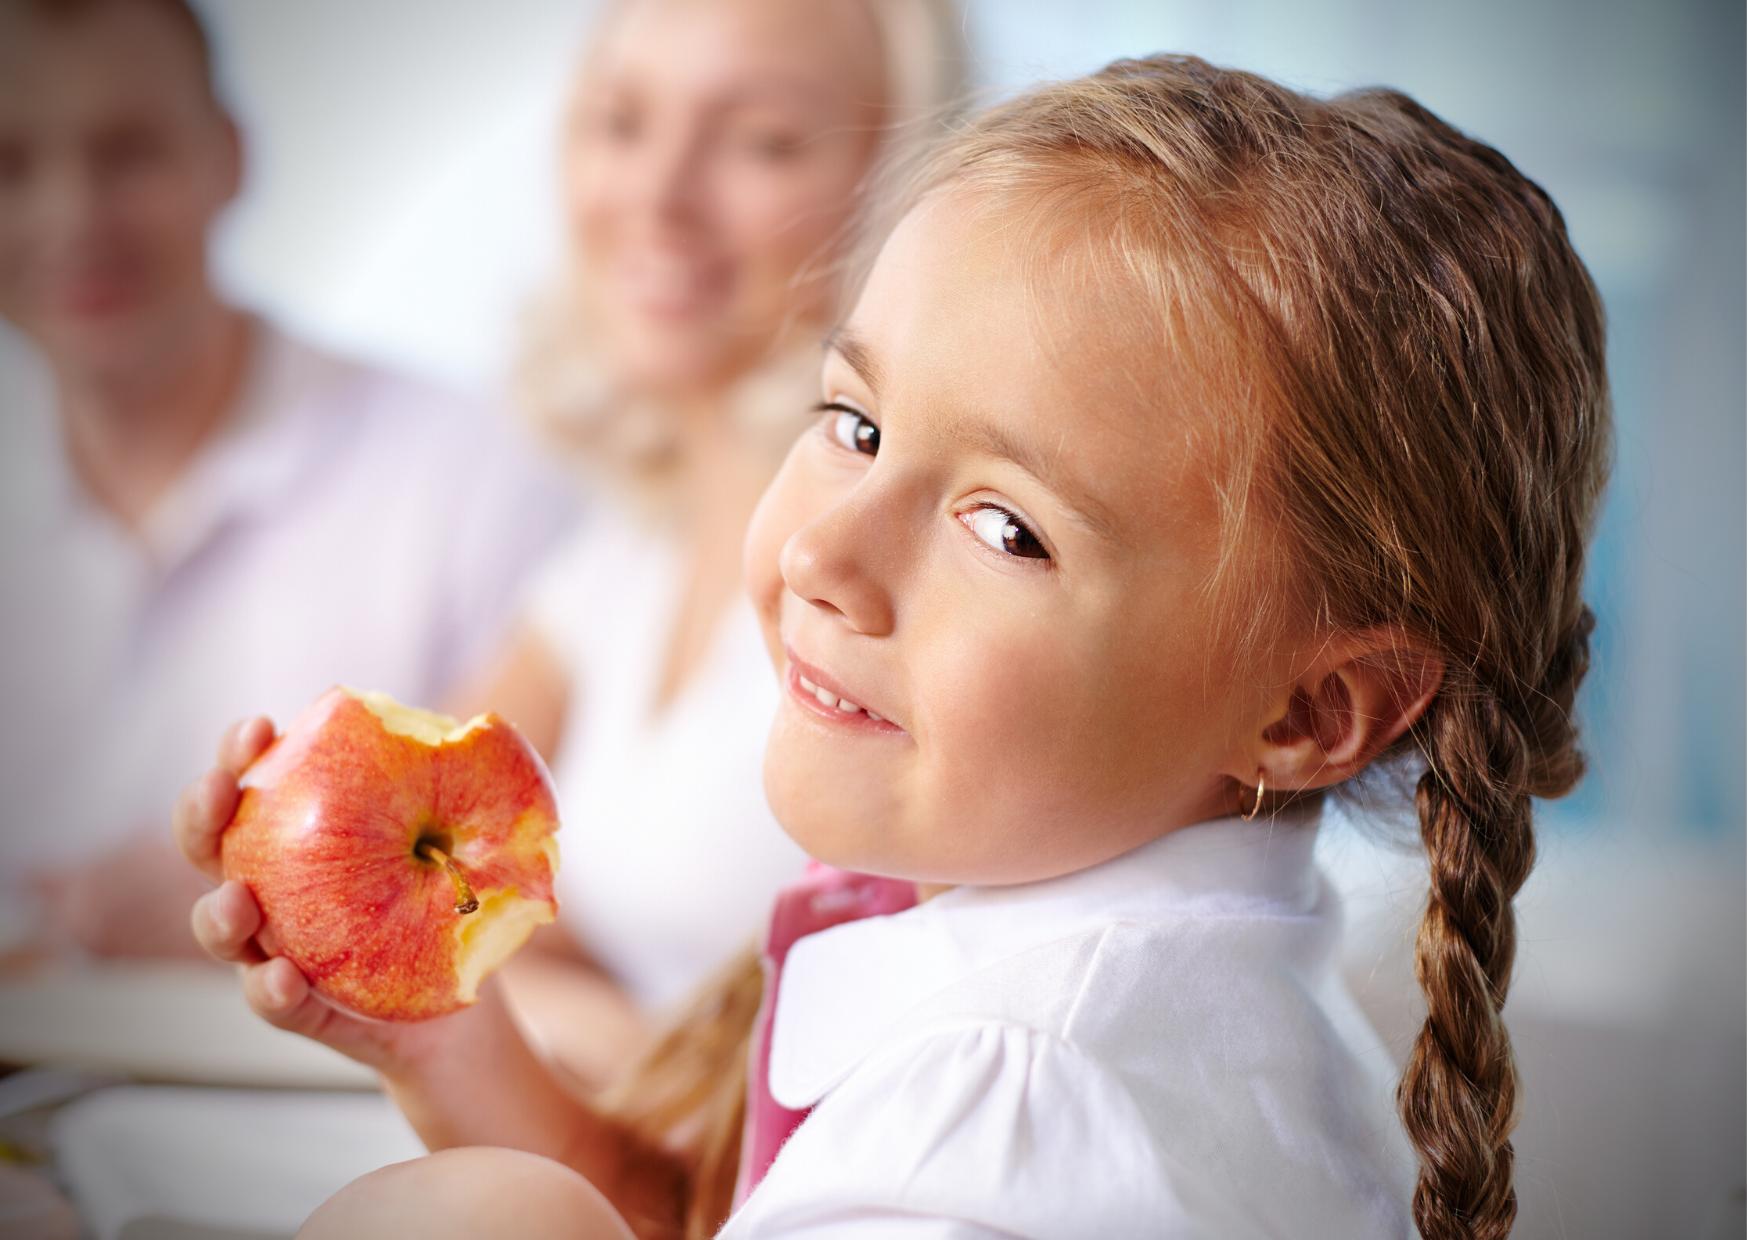 Zjedz jedno jabłko dziennie!